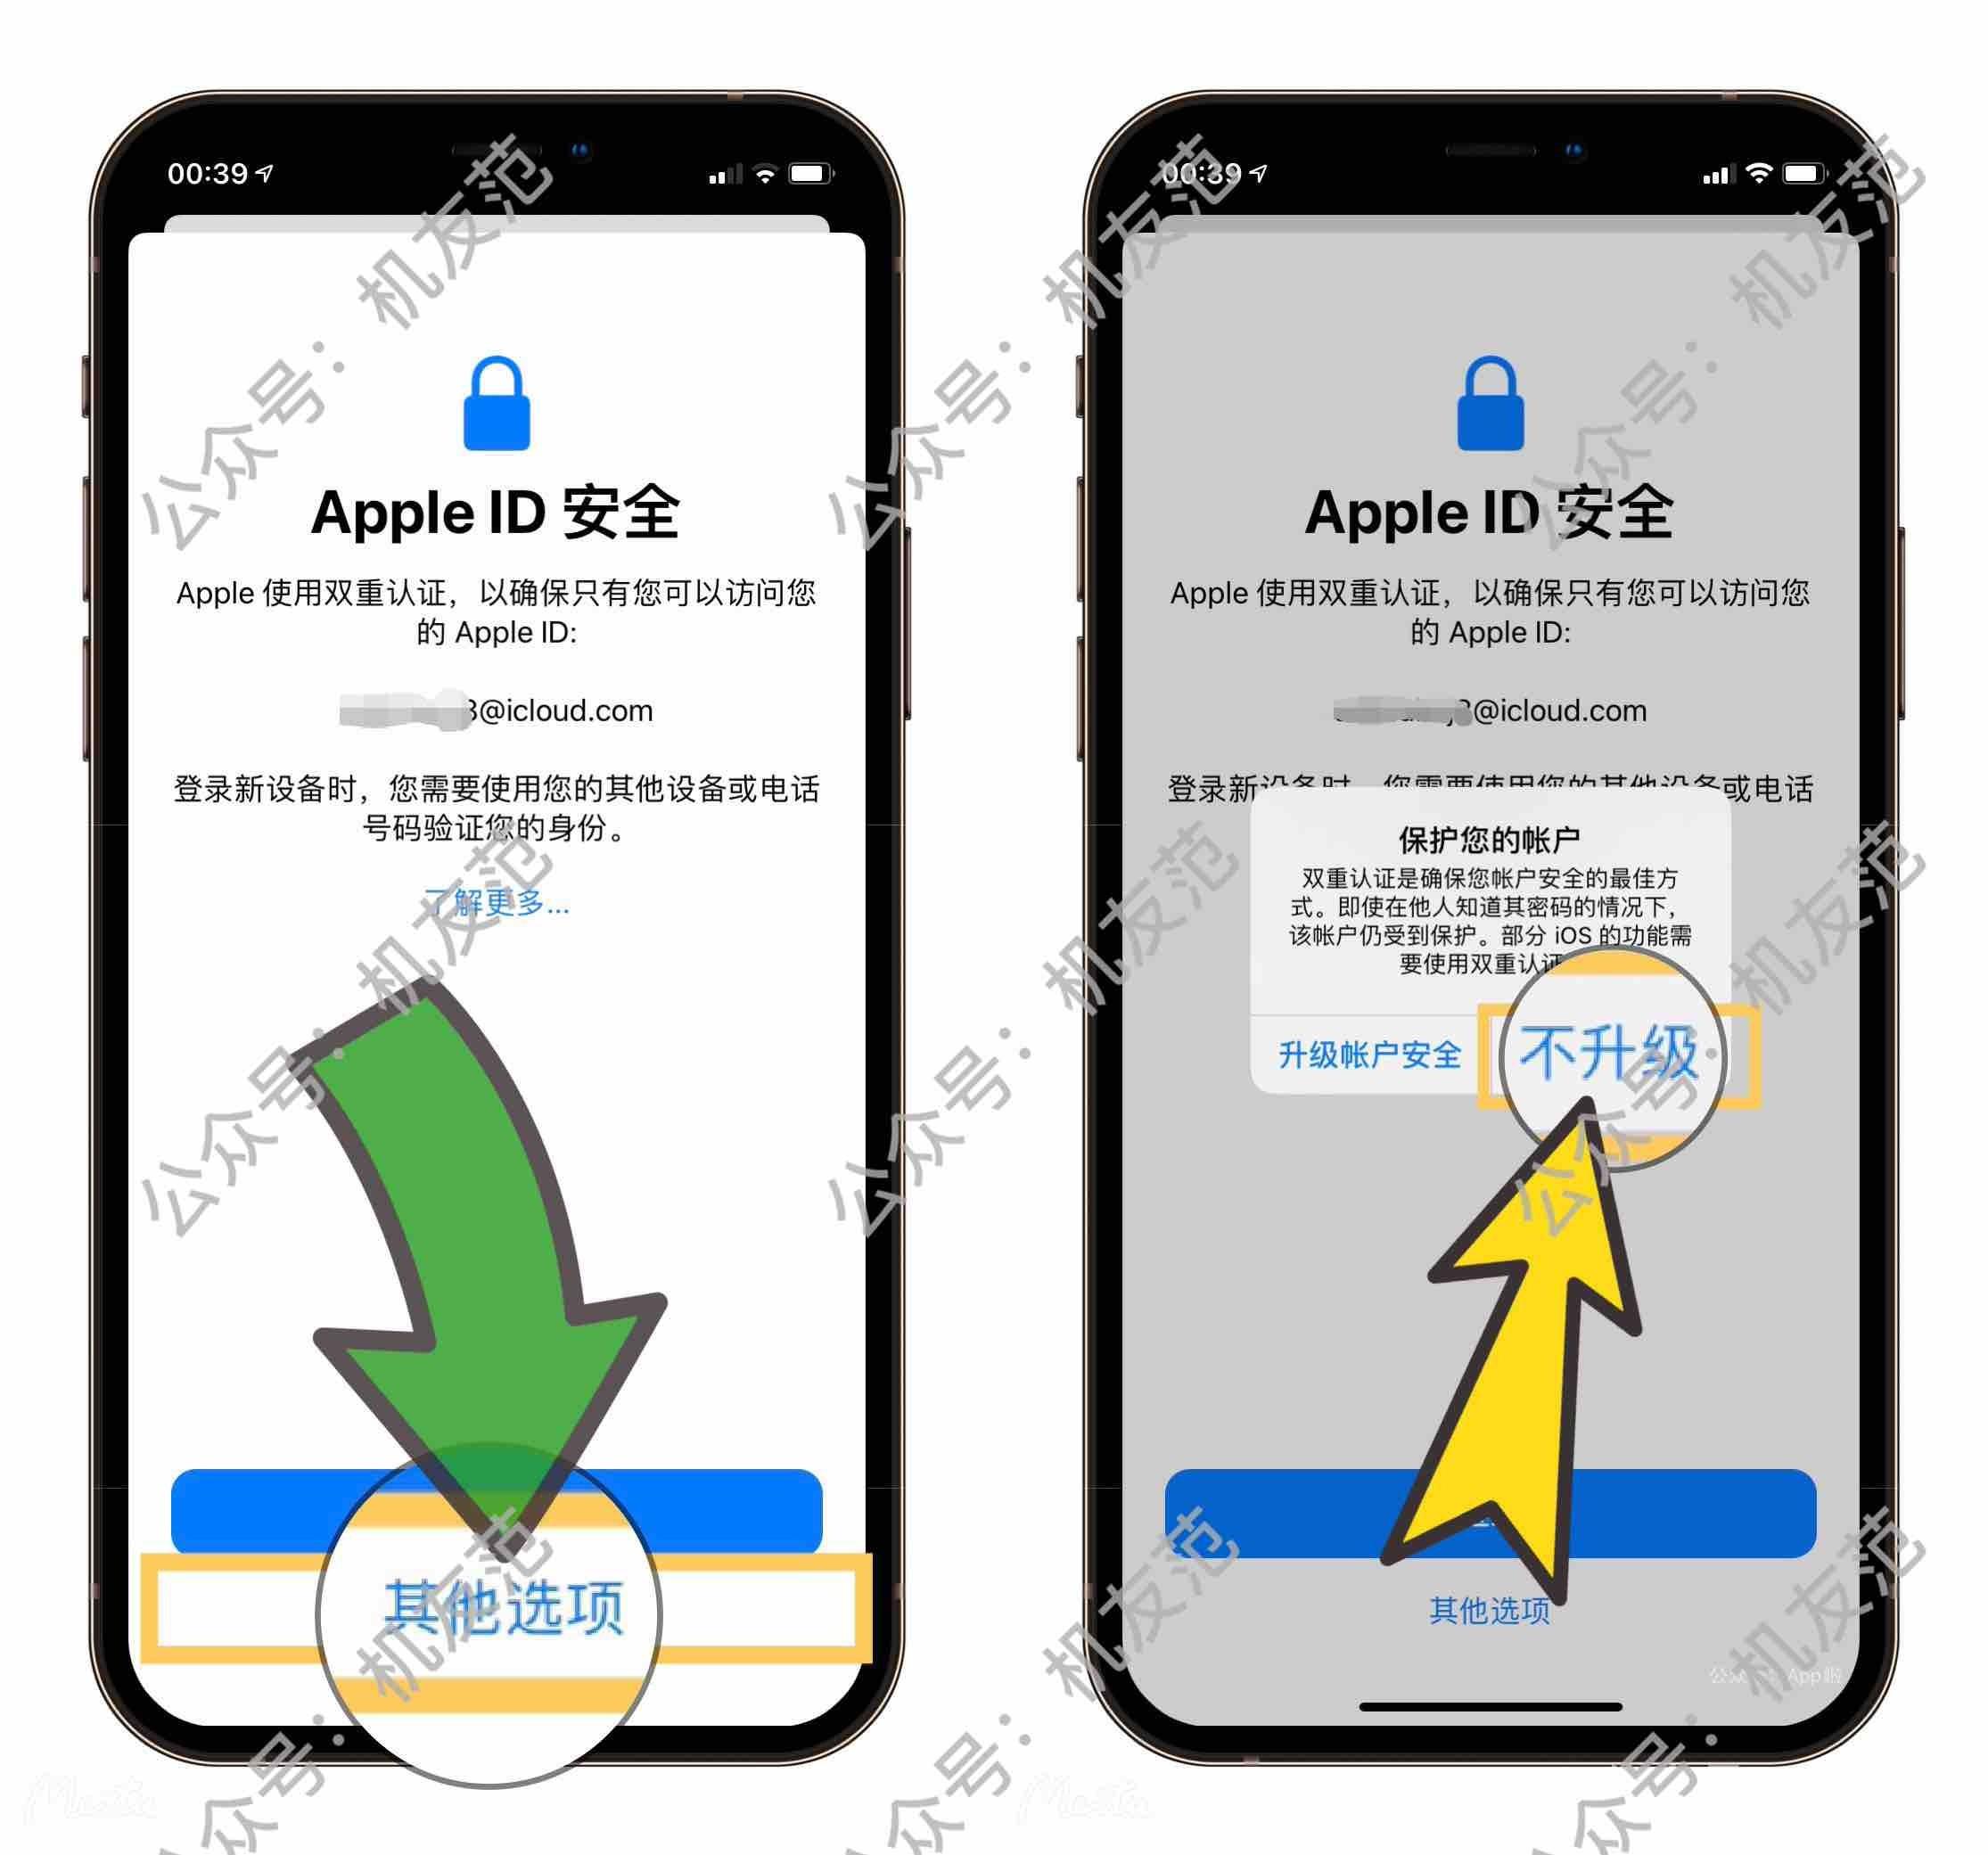 中国大陆iOS账号分享插图(2)